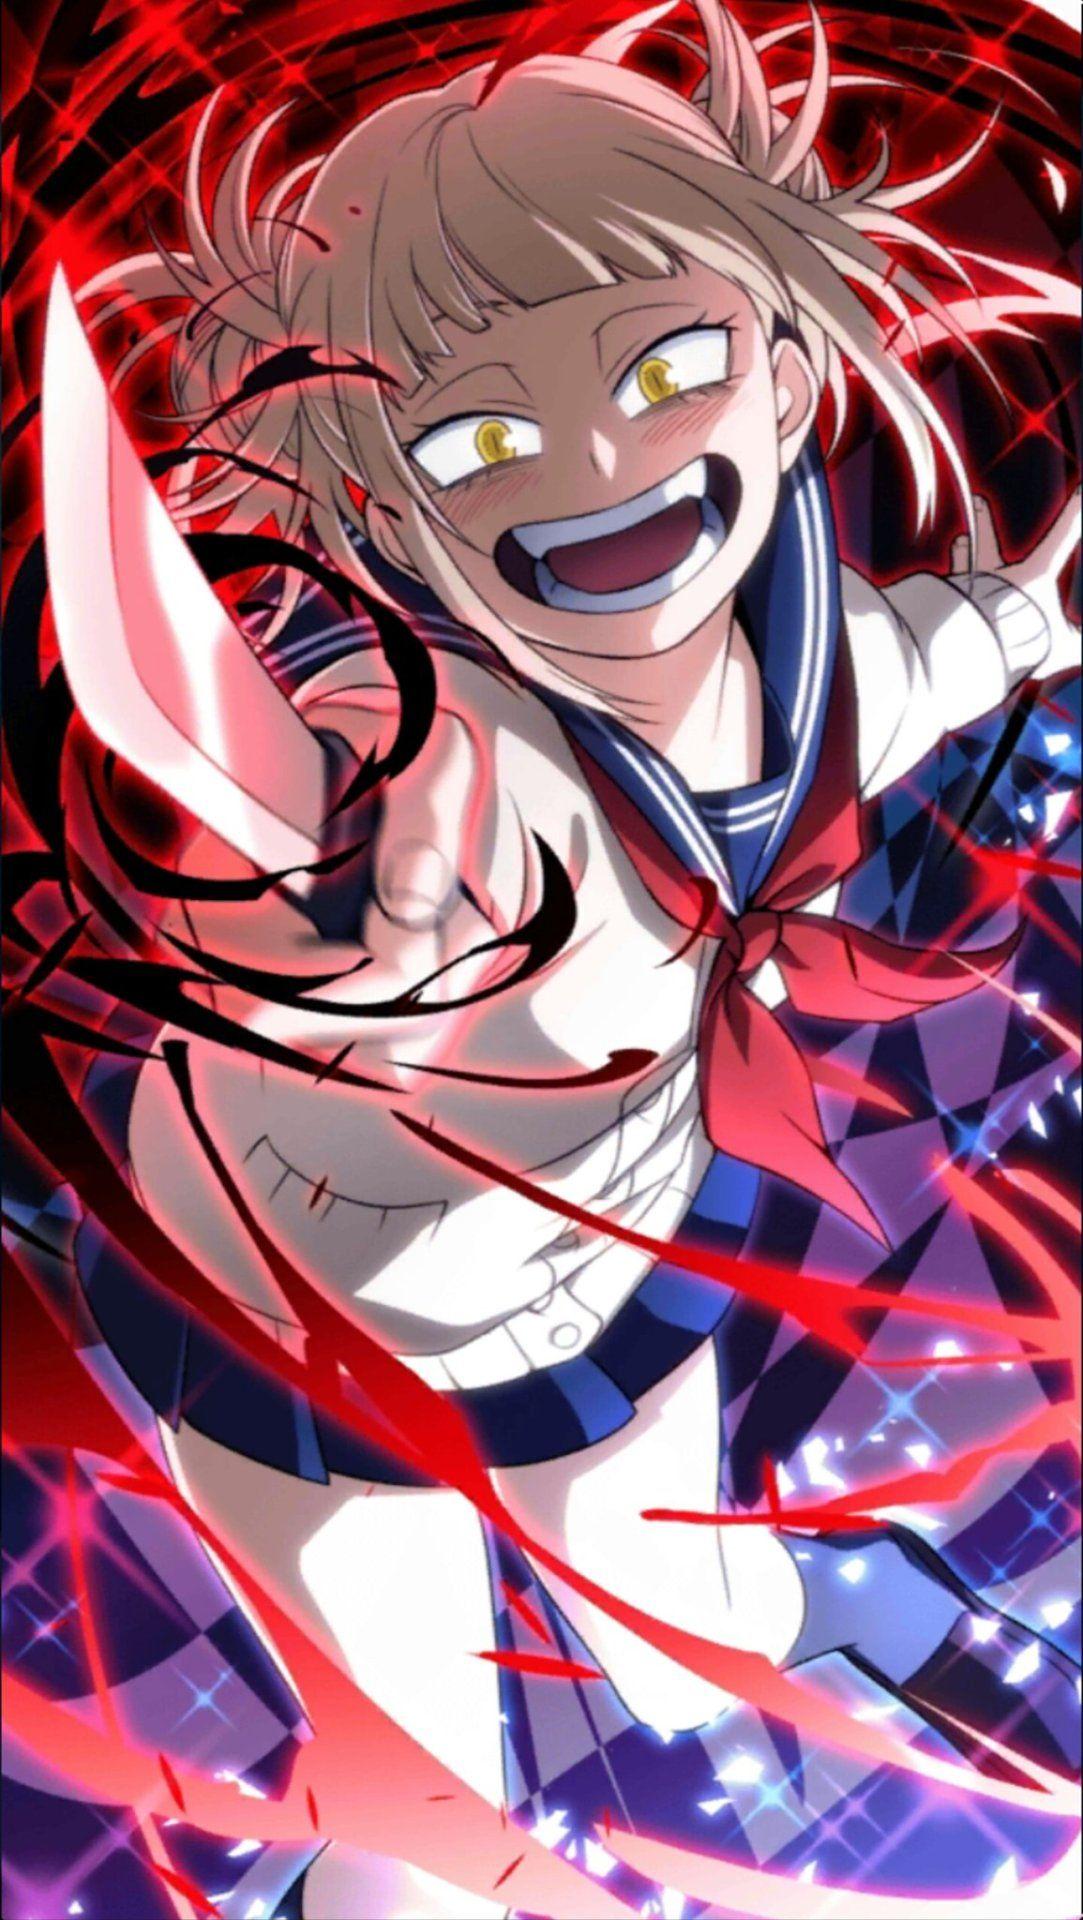 Toga Himiko / My Hero Academia (Smash Tap) My Hero